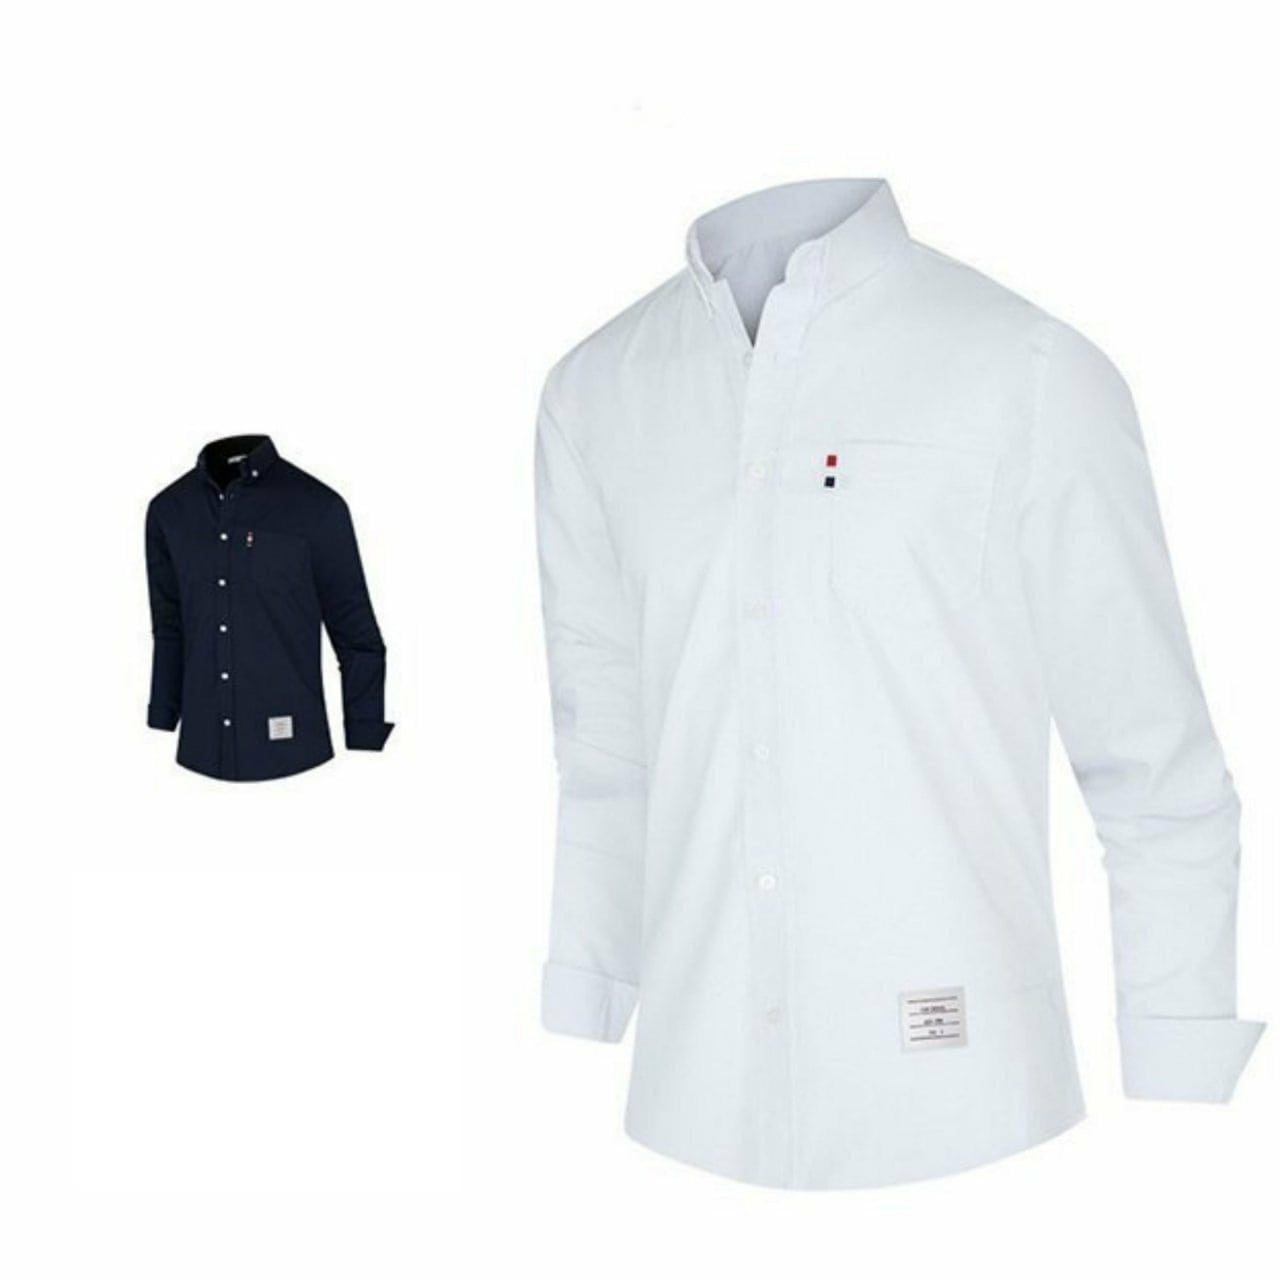 톰브라운 포켓 삼선포인트 셔츠